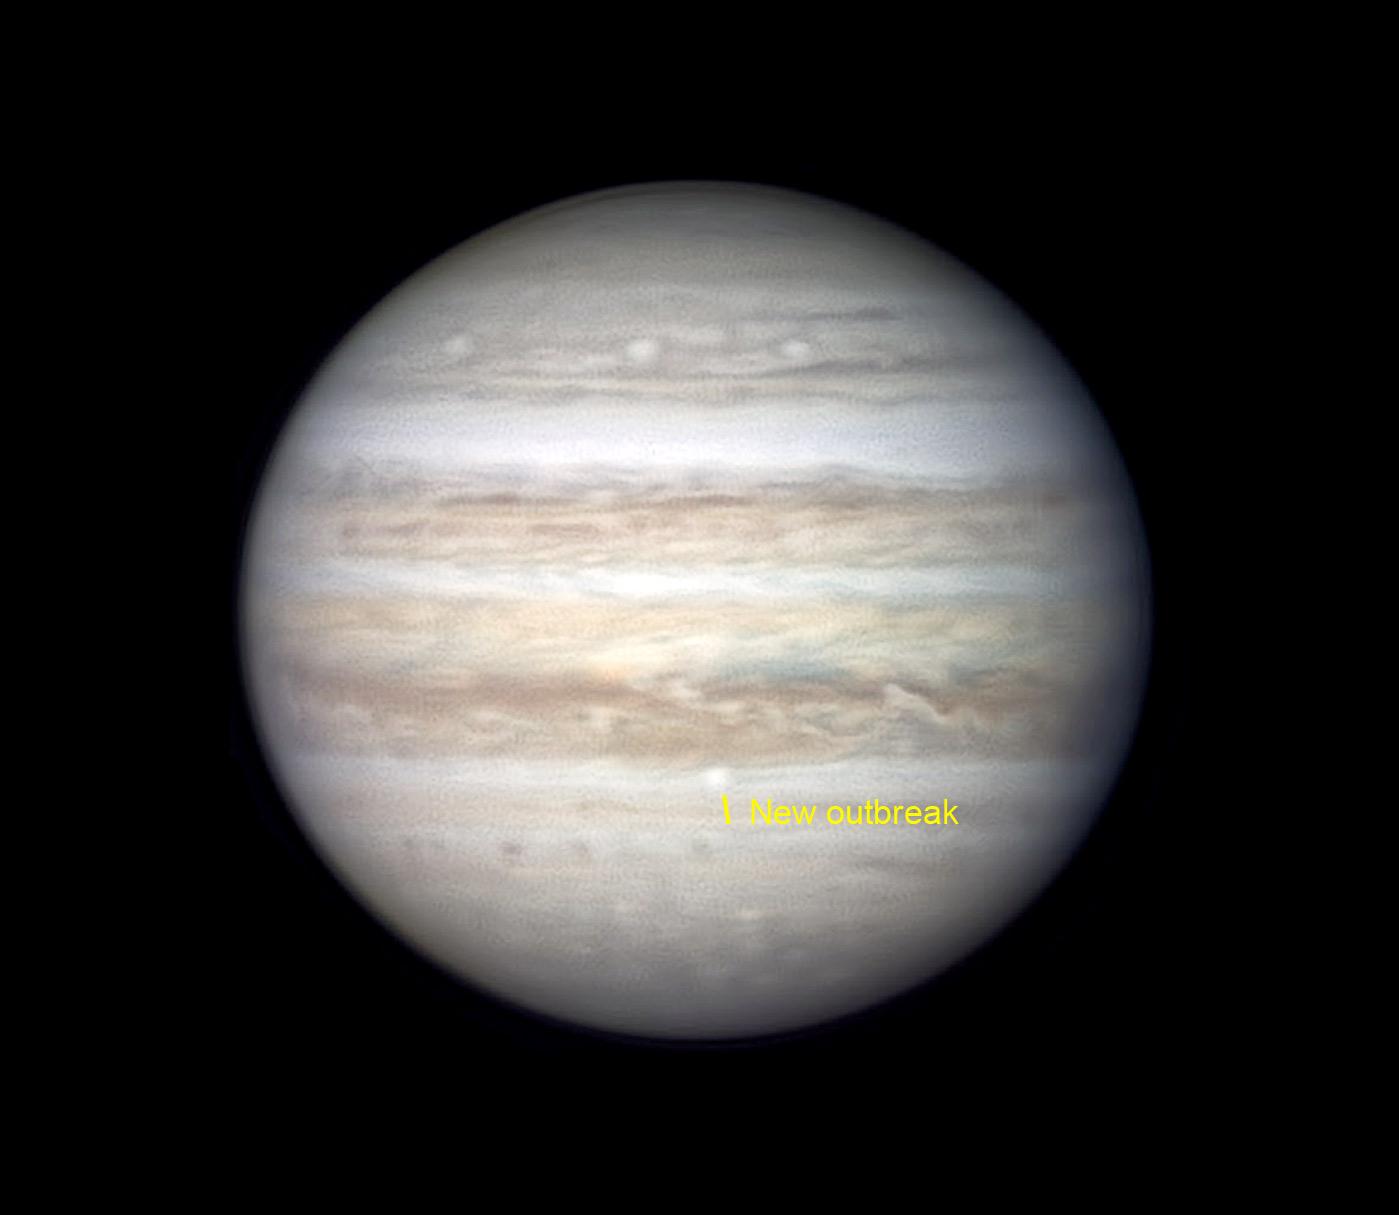 Jupiter's new storm